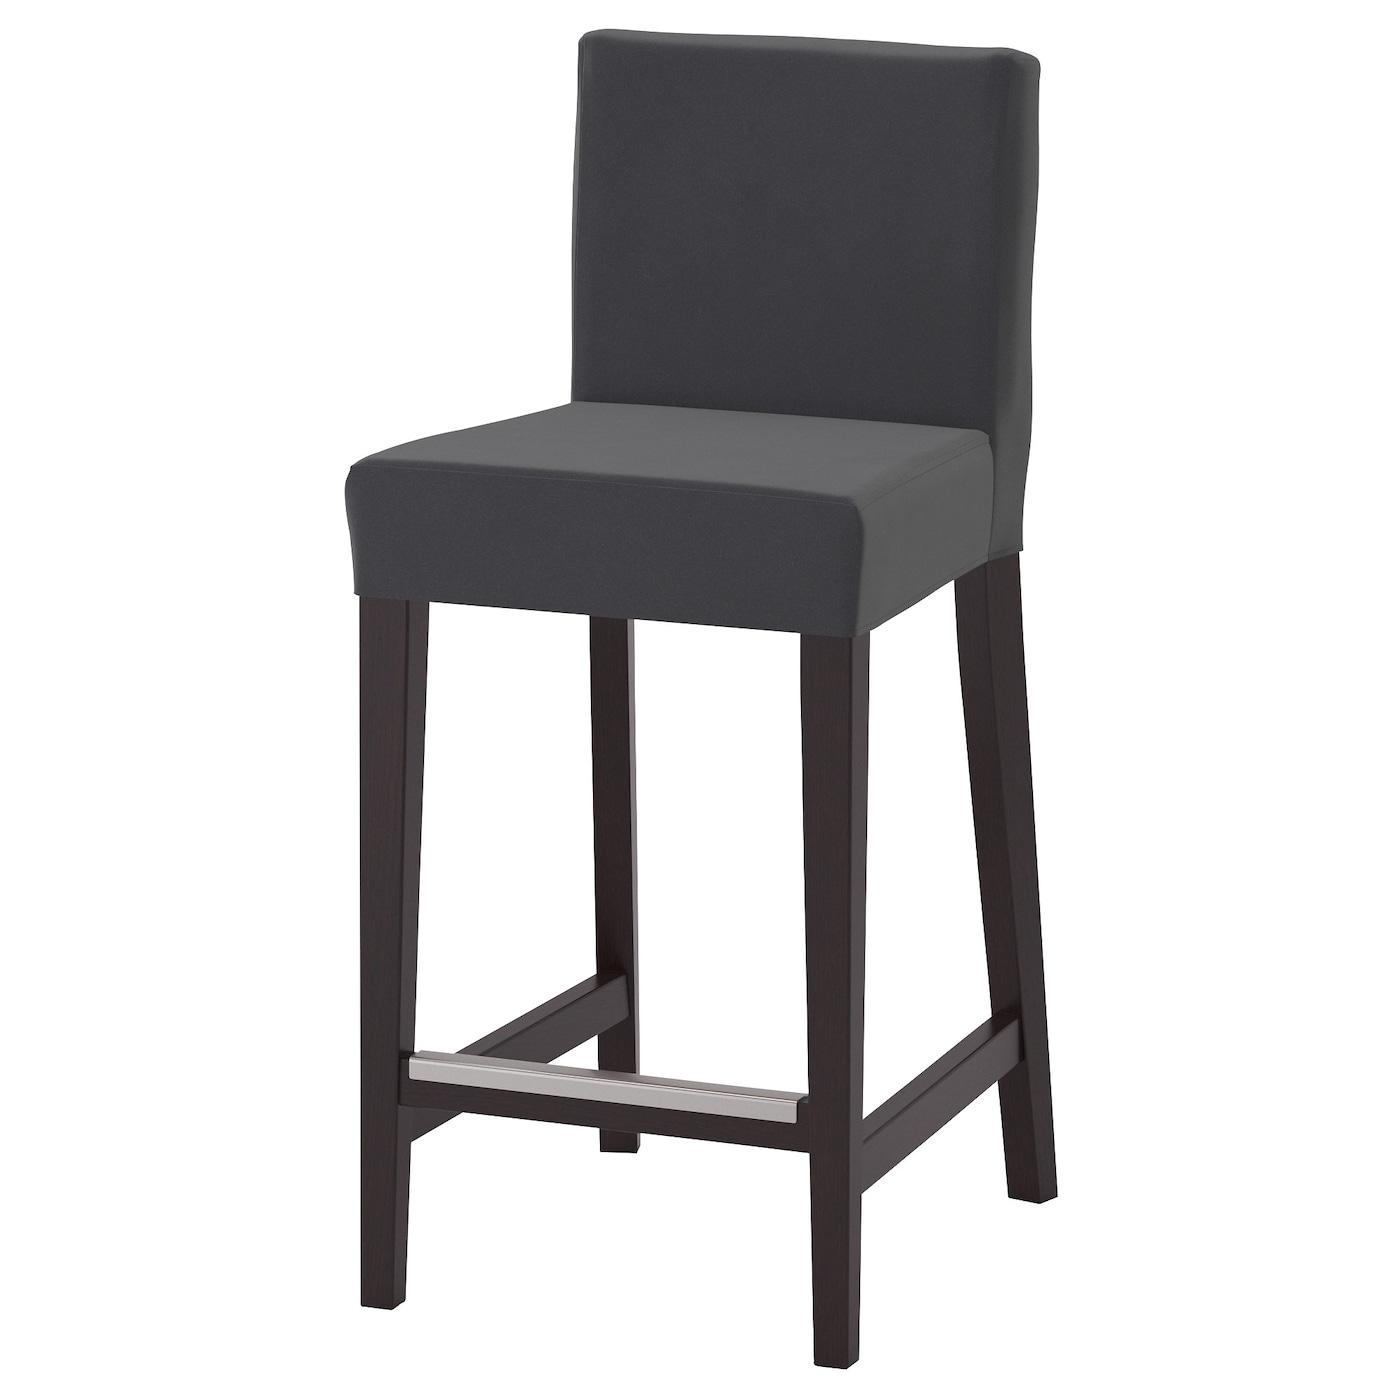 henriksdal tabouret de bar dossier brun noir djuparp gris fonc 63 cm ikea. Black Bedroom Furniture Sets. Home Design Ideas